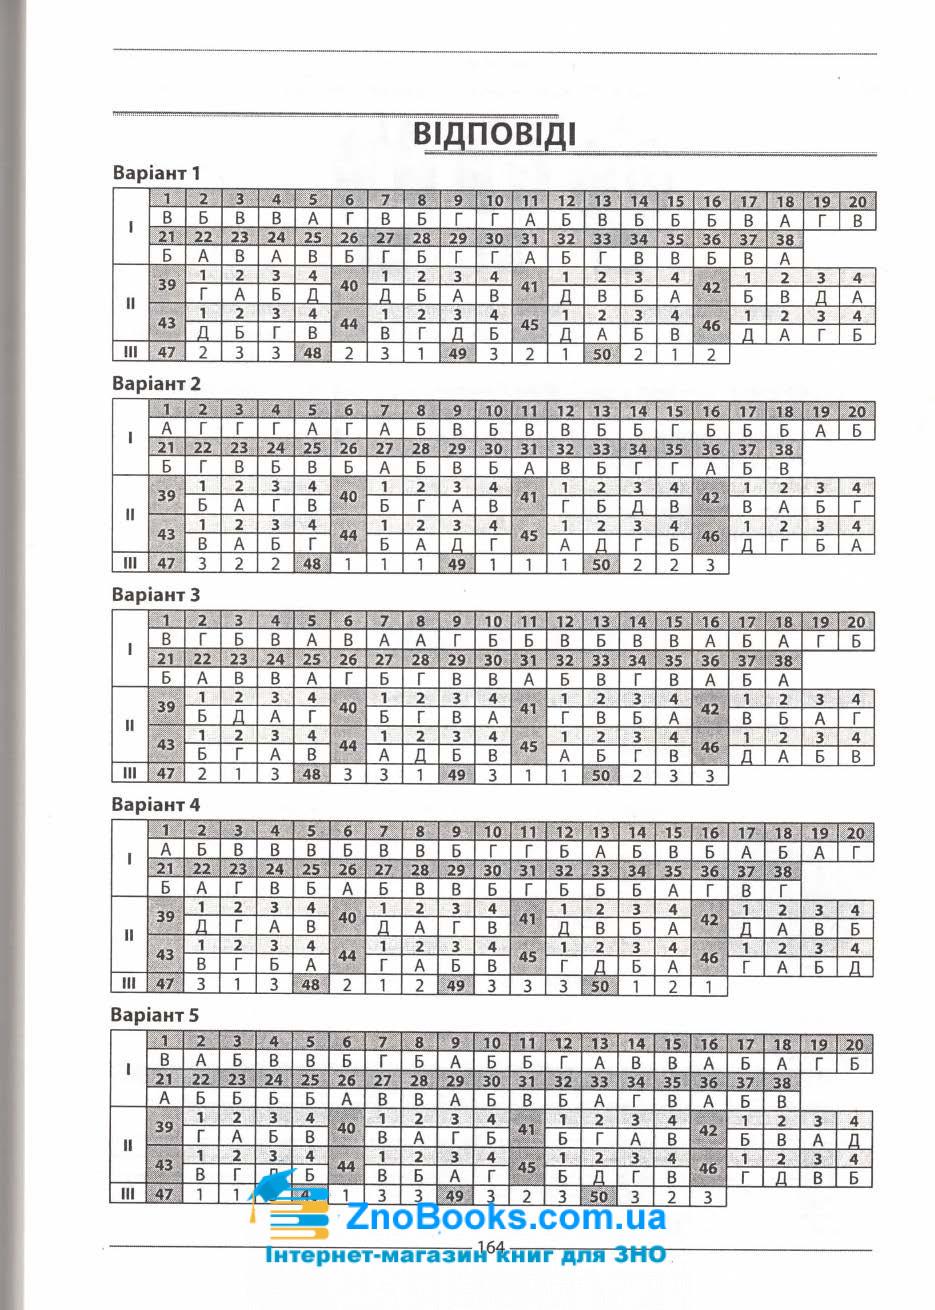 Соболь В. Біологія ЗНО 2022. 20 варіантів тренувальних тестових завдань : видавництво Абетка. купити 9